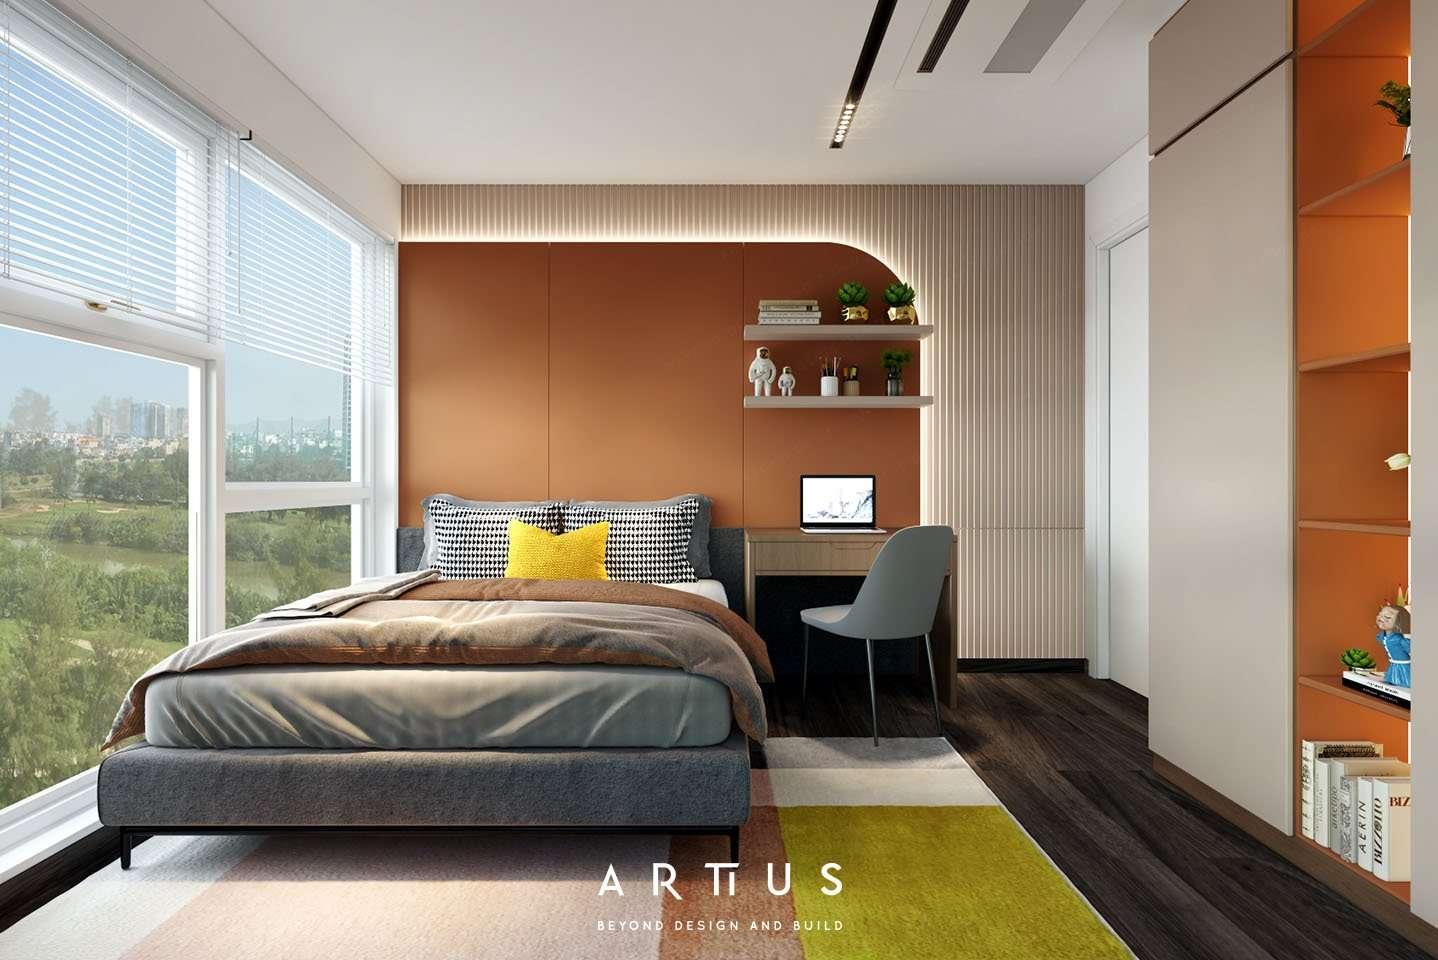 Thiết kế nội thất hiện đại với những đường thẳng tinh gọn